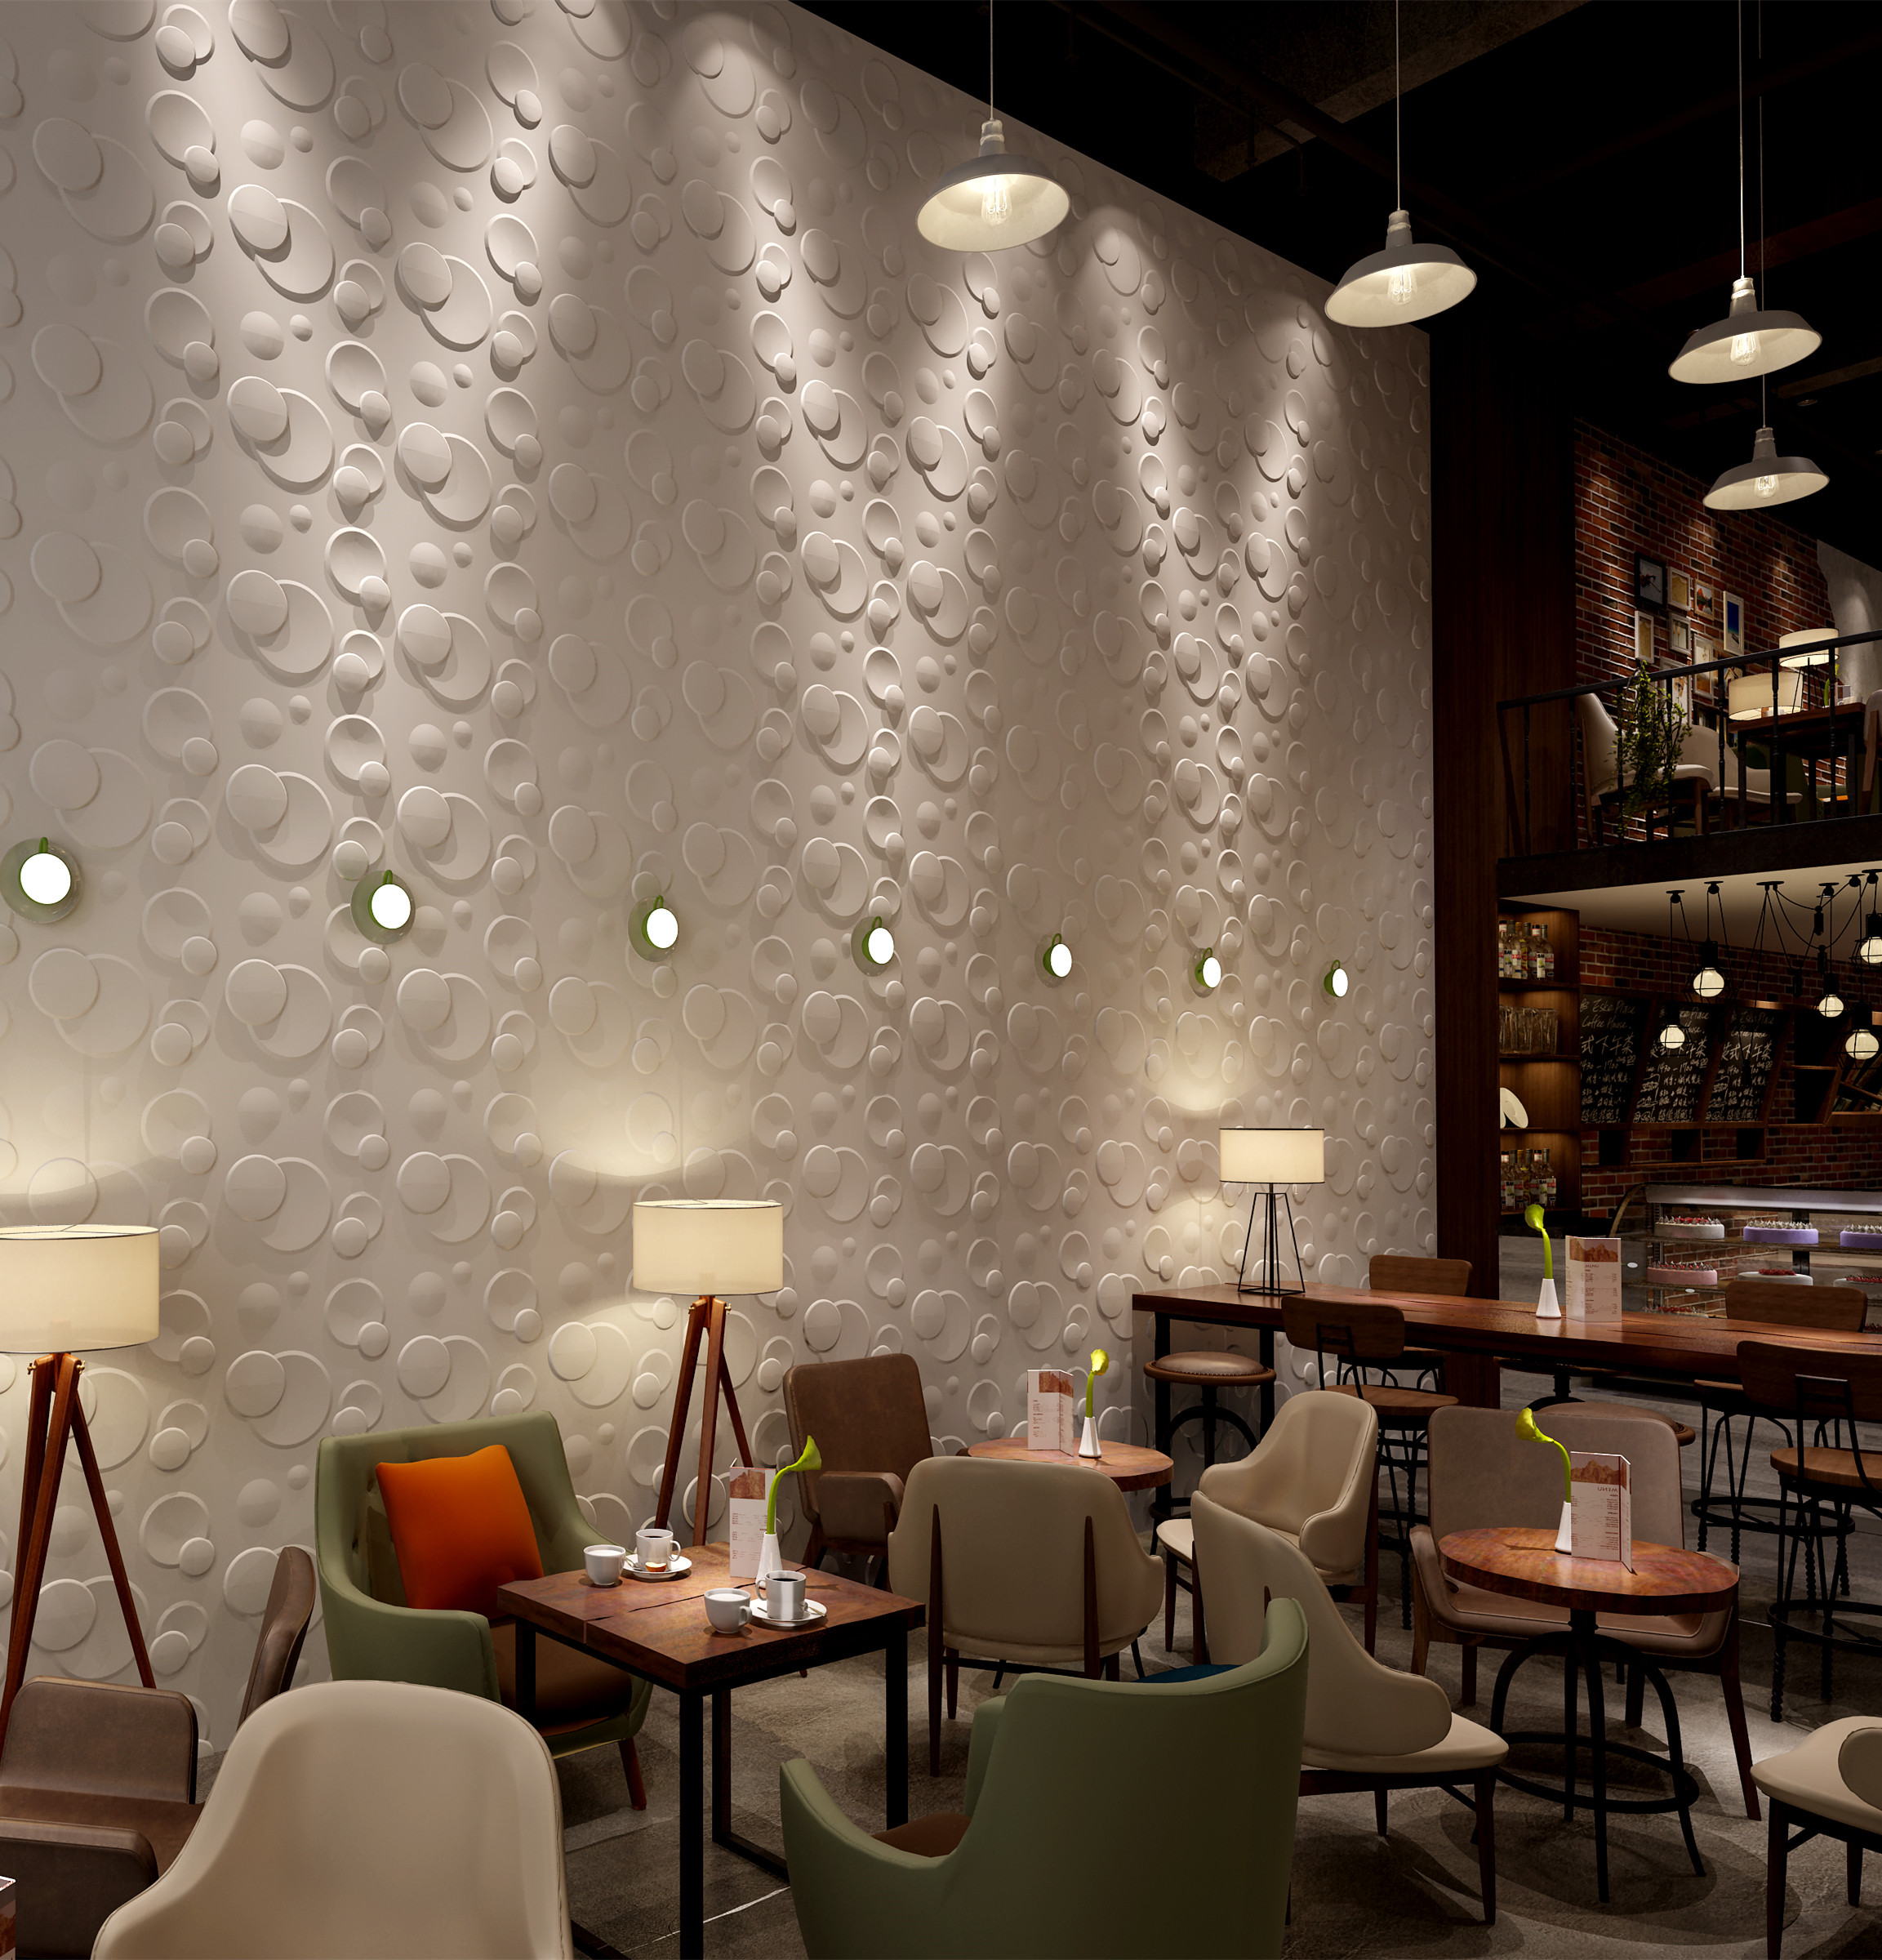 Wall Art Dector 3d Board Deco Restaurant Decoration - Buy Wall Art Dector  3d Wall Board,Wall Art Deco,Restaurant Wall Art Decoration Product on ...